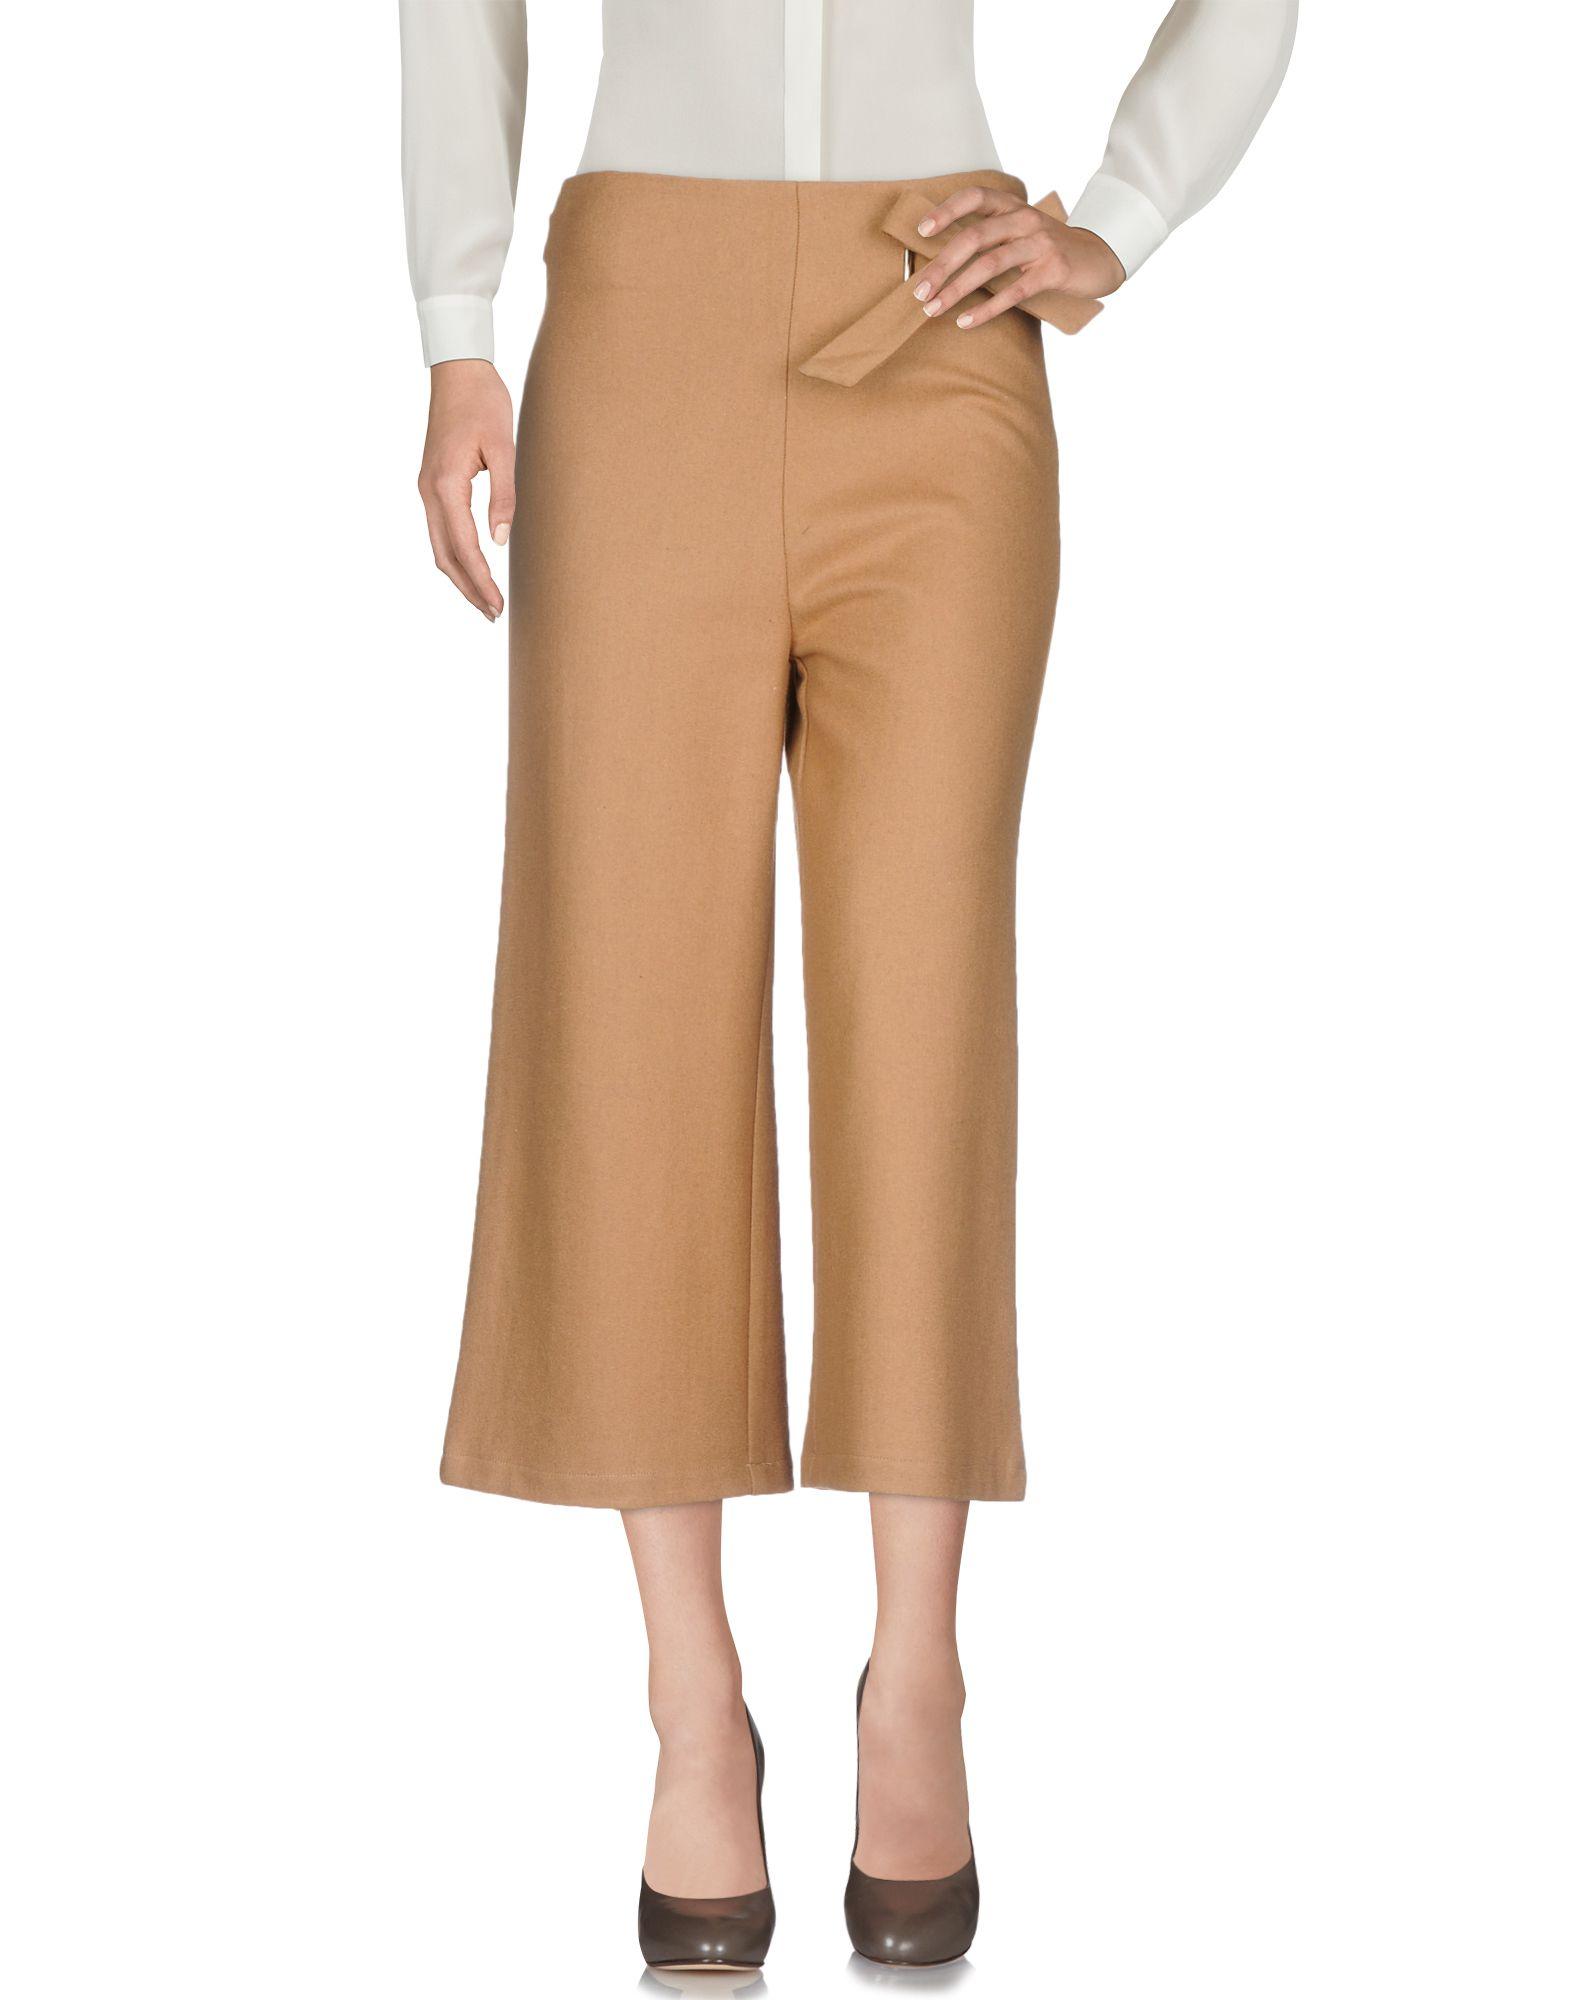 Pantalone Palazzo Tpn Donna - Acquista online su yP7obE2